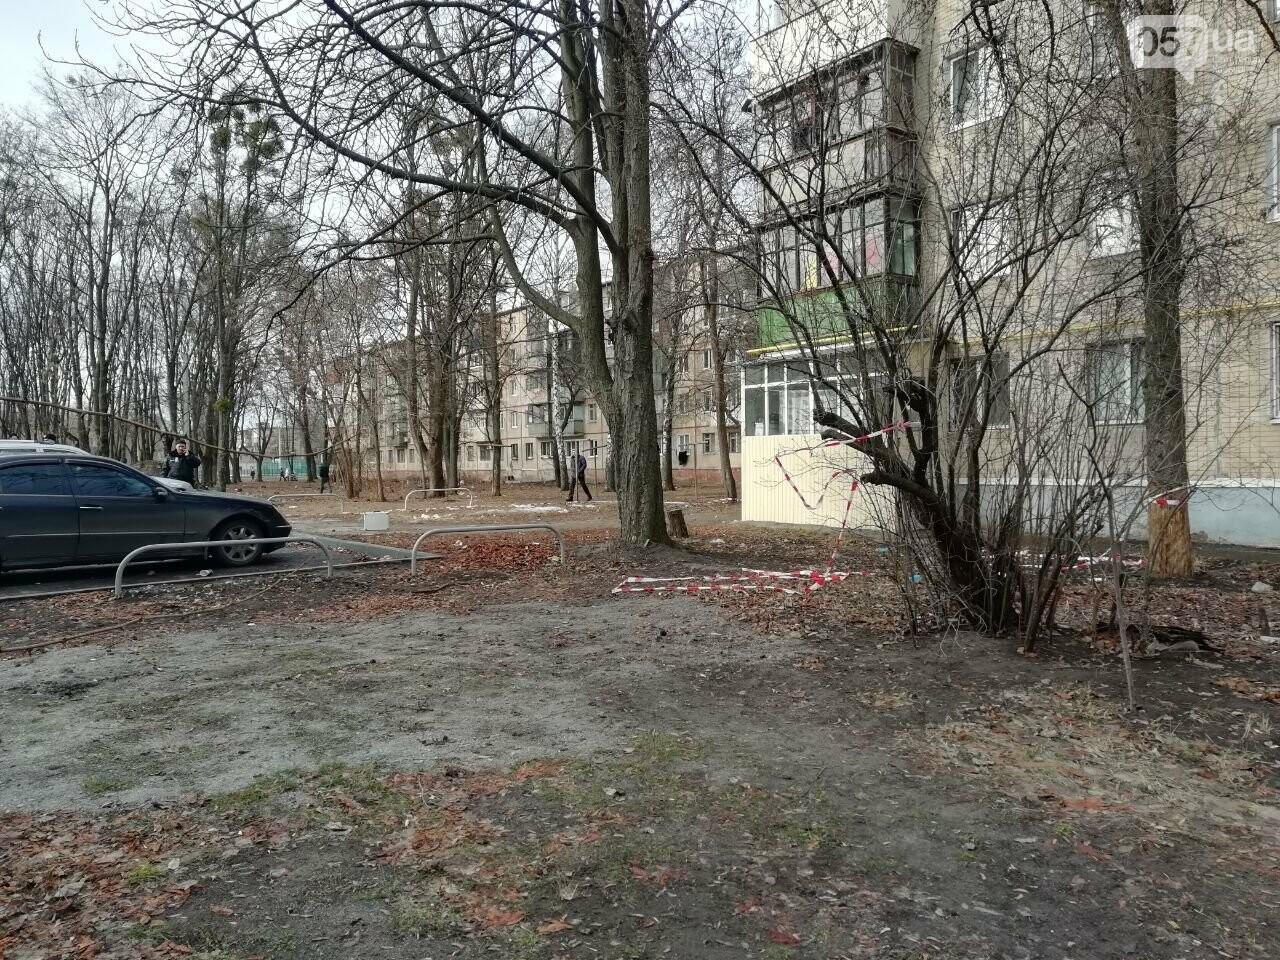 Выстрелы возле дома и неизвестные в масках: что рассказали жители о стрельбе на Московском проспекте, - ФОТО, фото-8